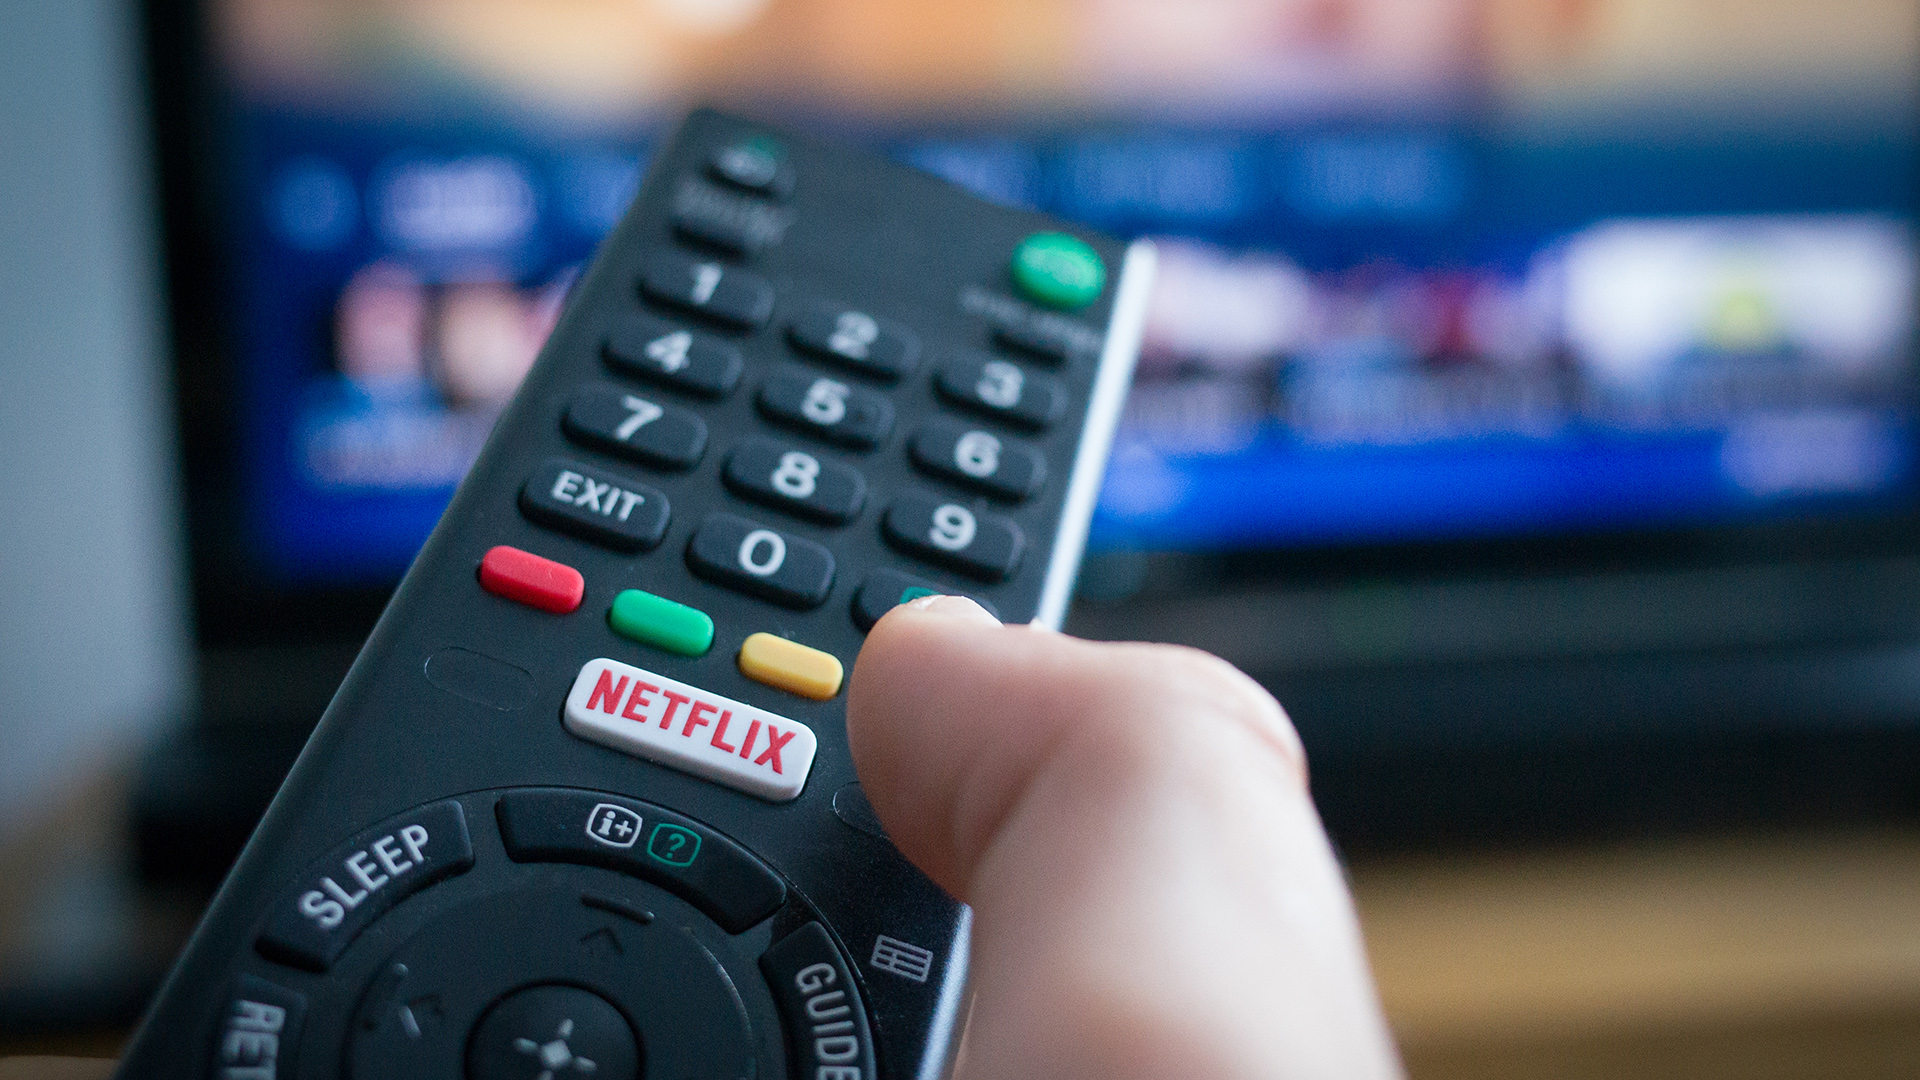 Ezekkel a billentyűkkel vezérelheted a Netflixen a filmlejátszást